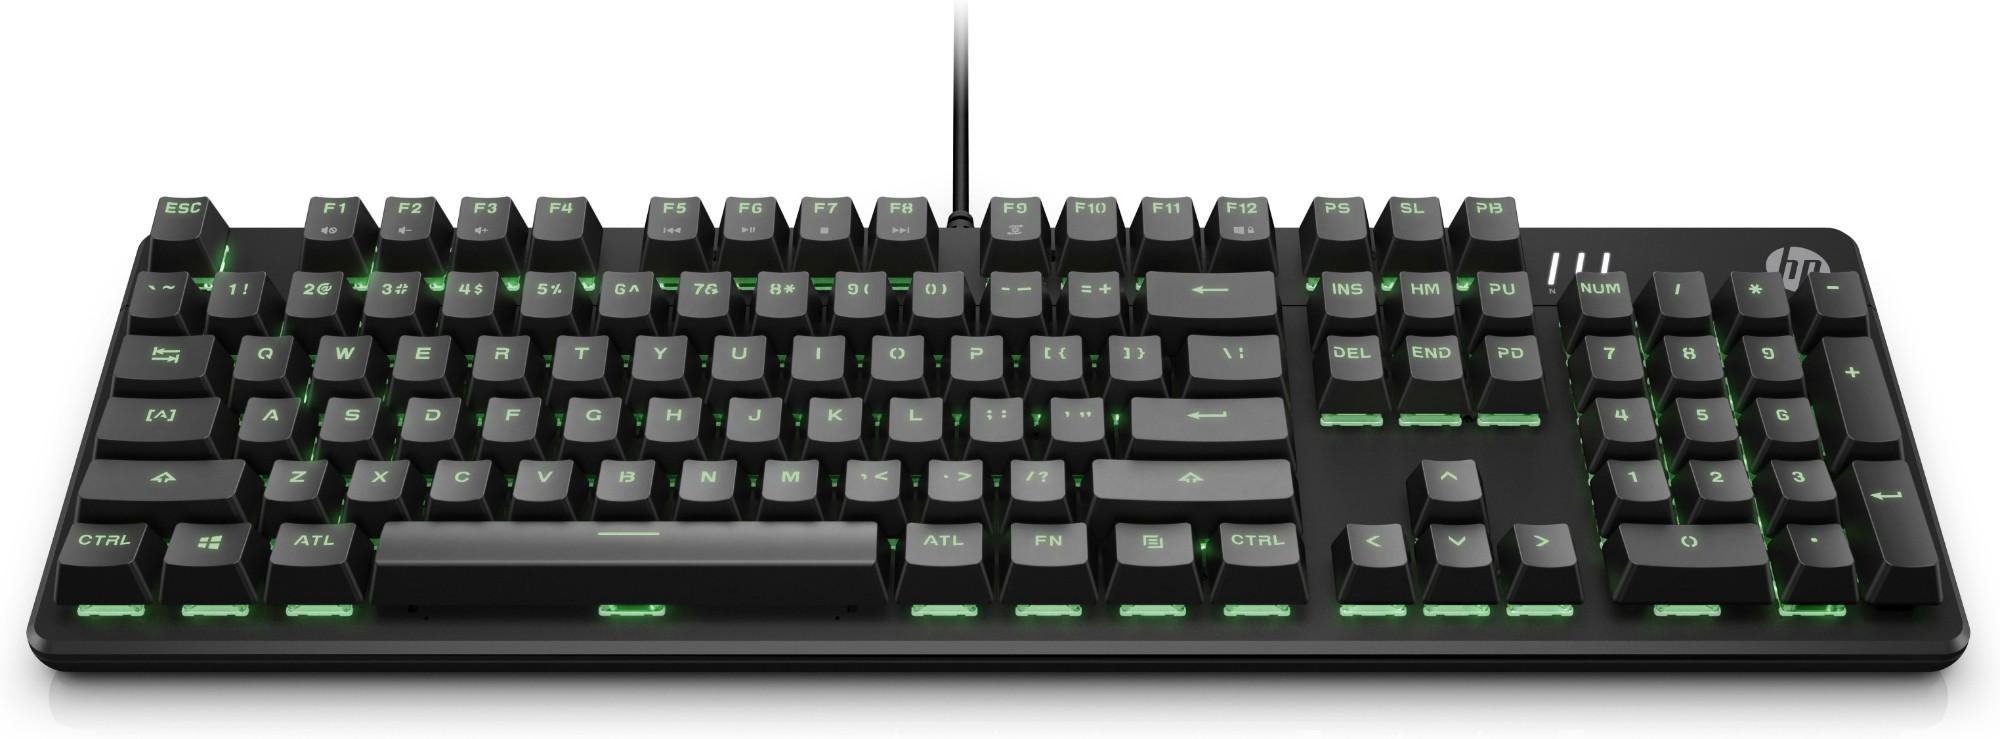 HP Pavilion Gaming 500 keyboard USB Black